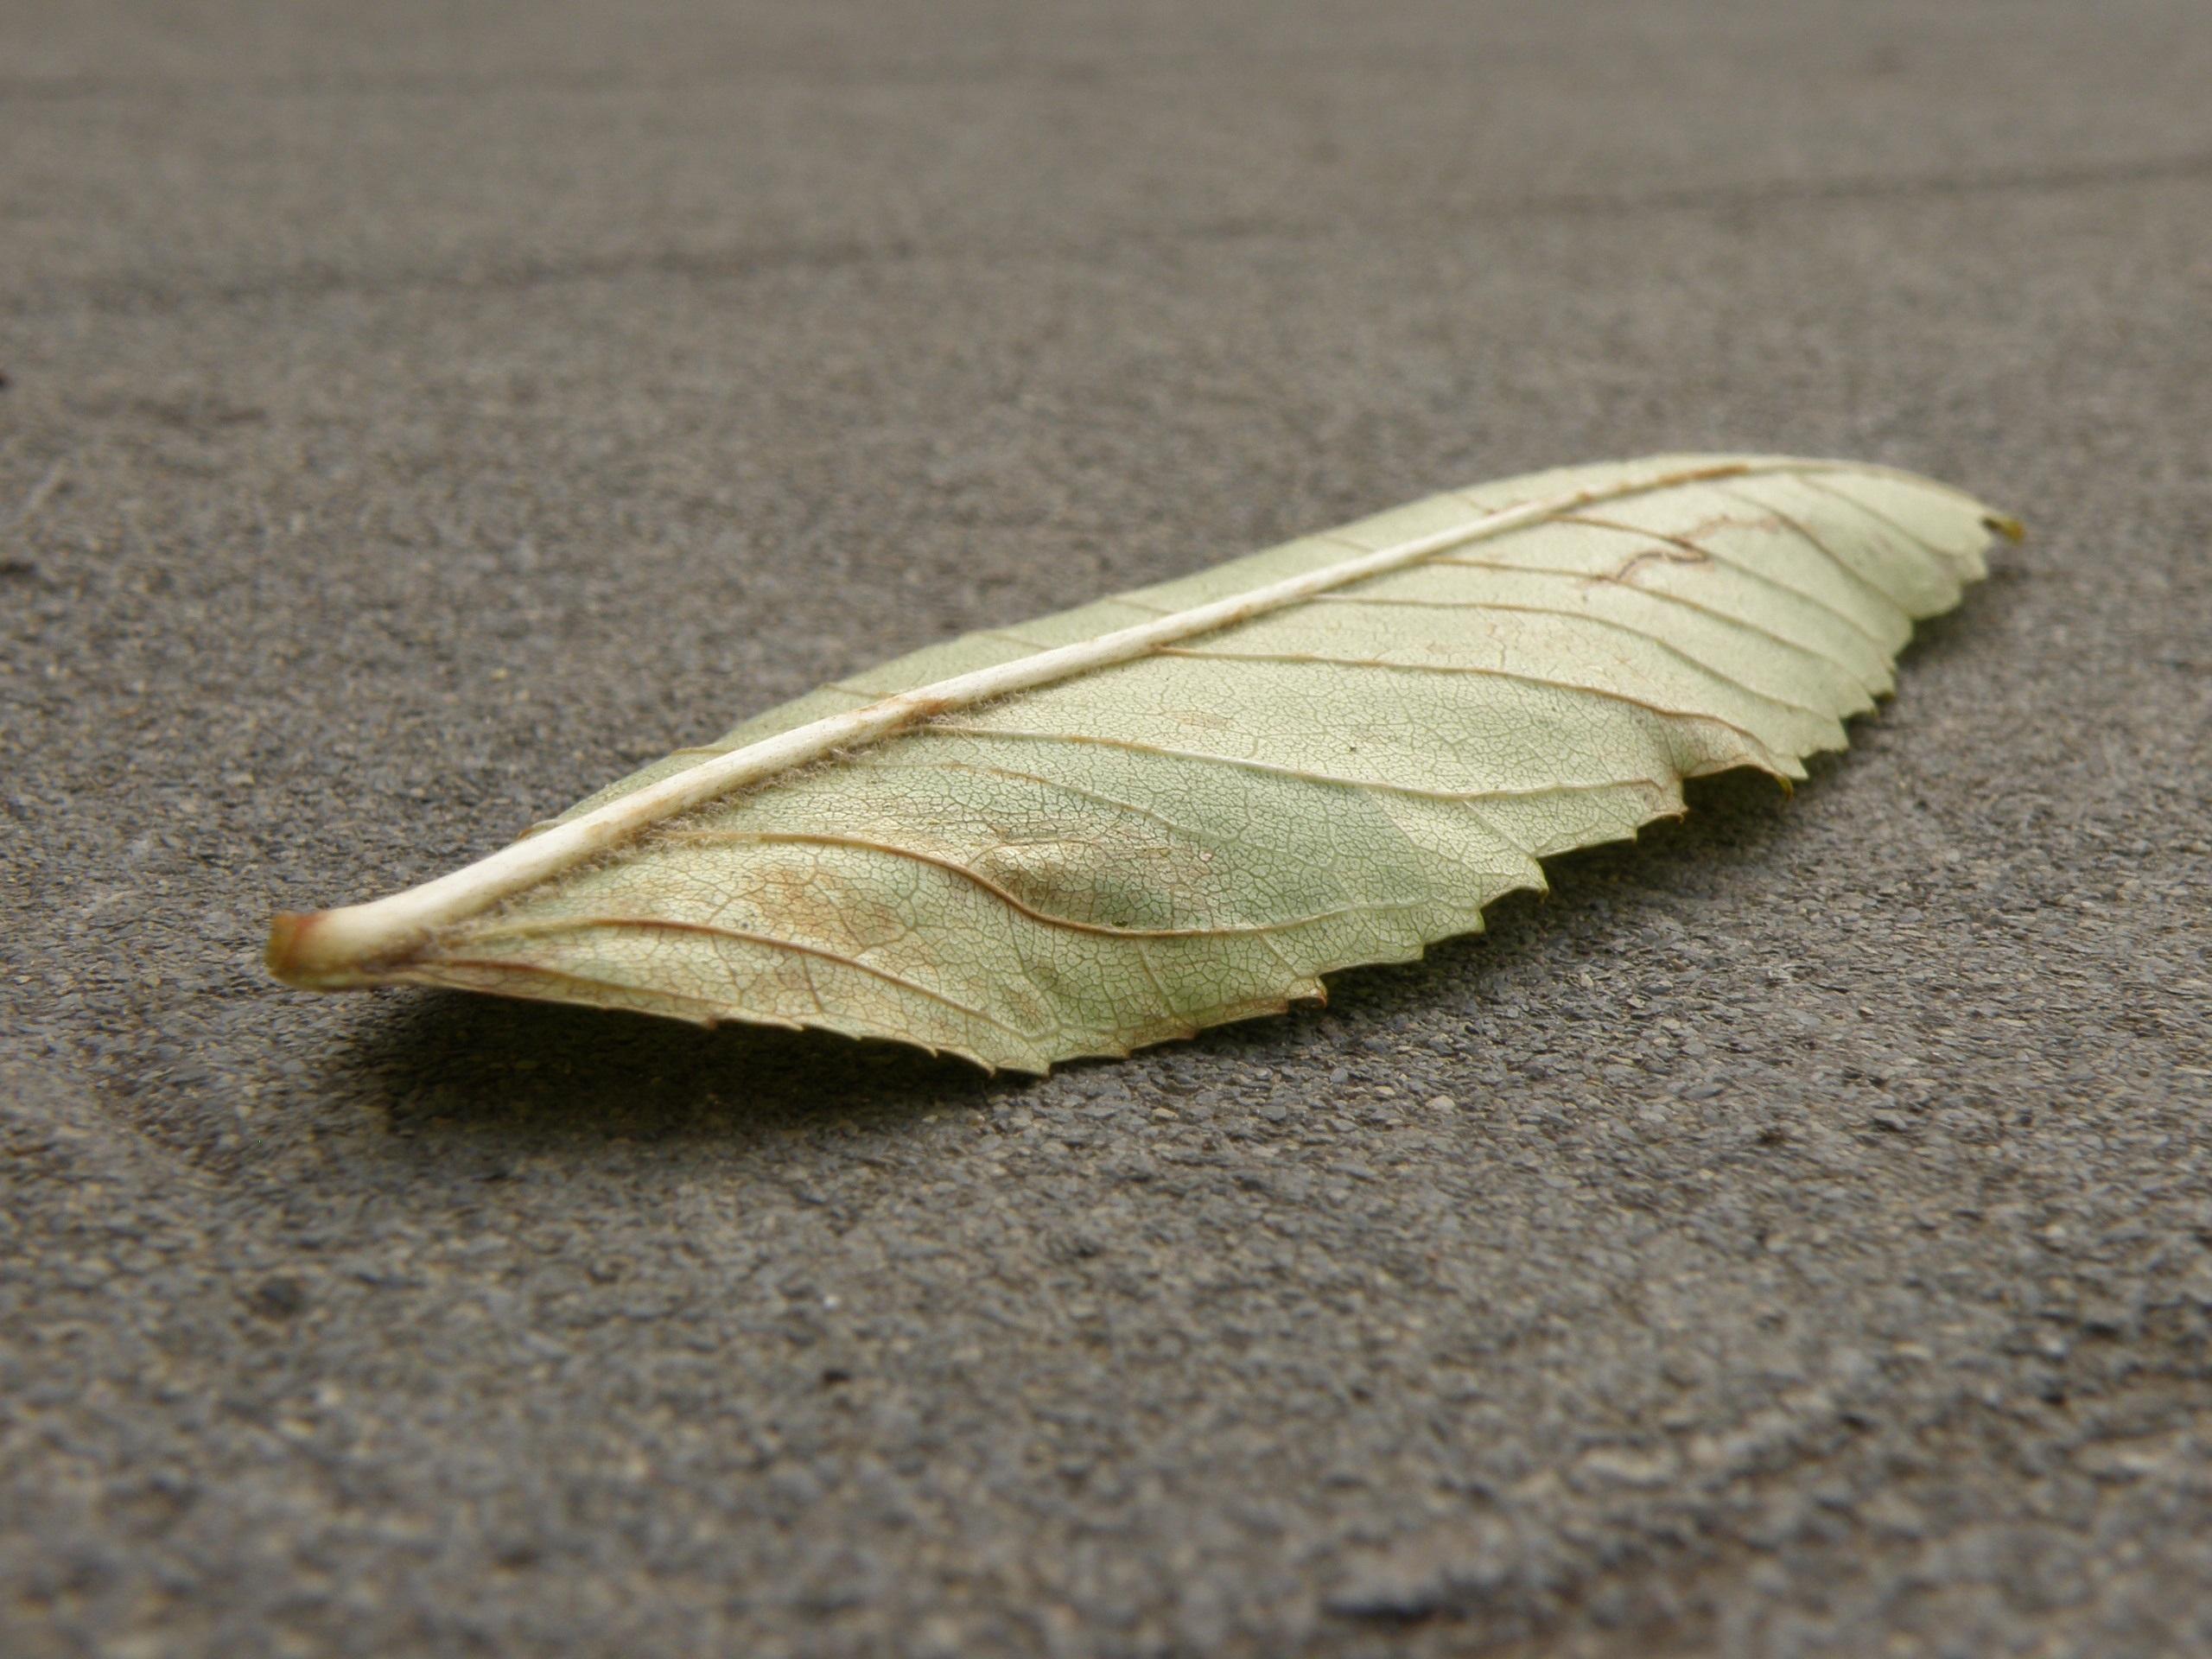 Fotos Gratis Ala Madera Hoja Insecto Polilla Ceniza  ~ Como Son Las Polillas De La Madera